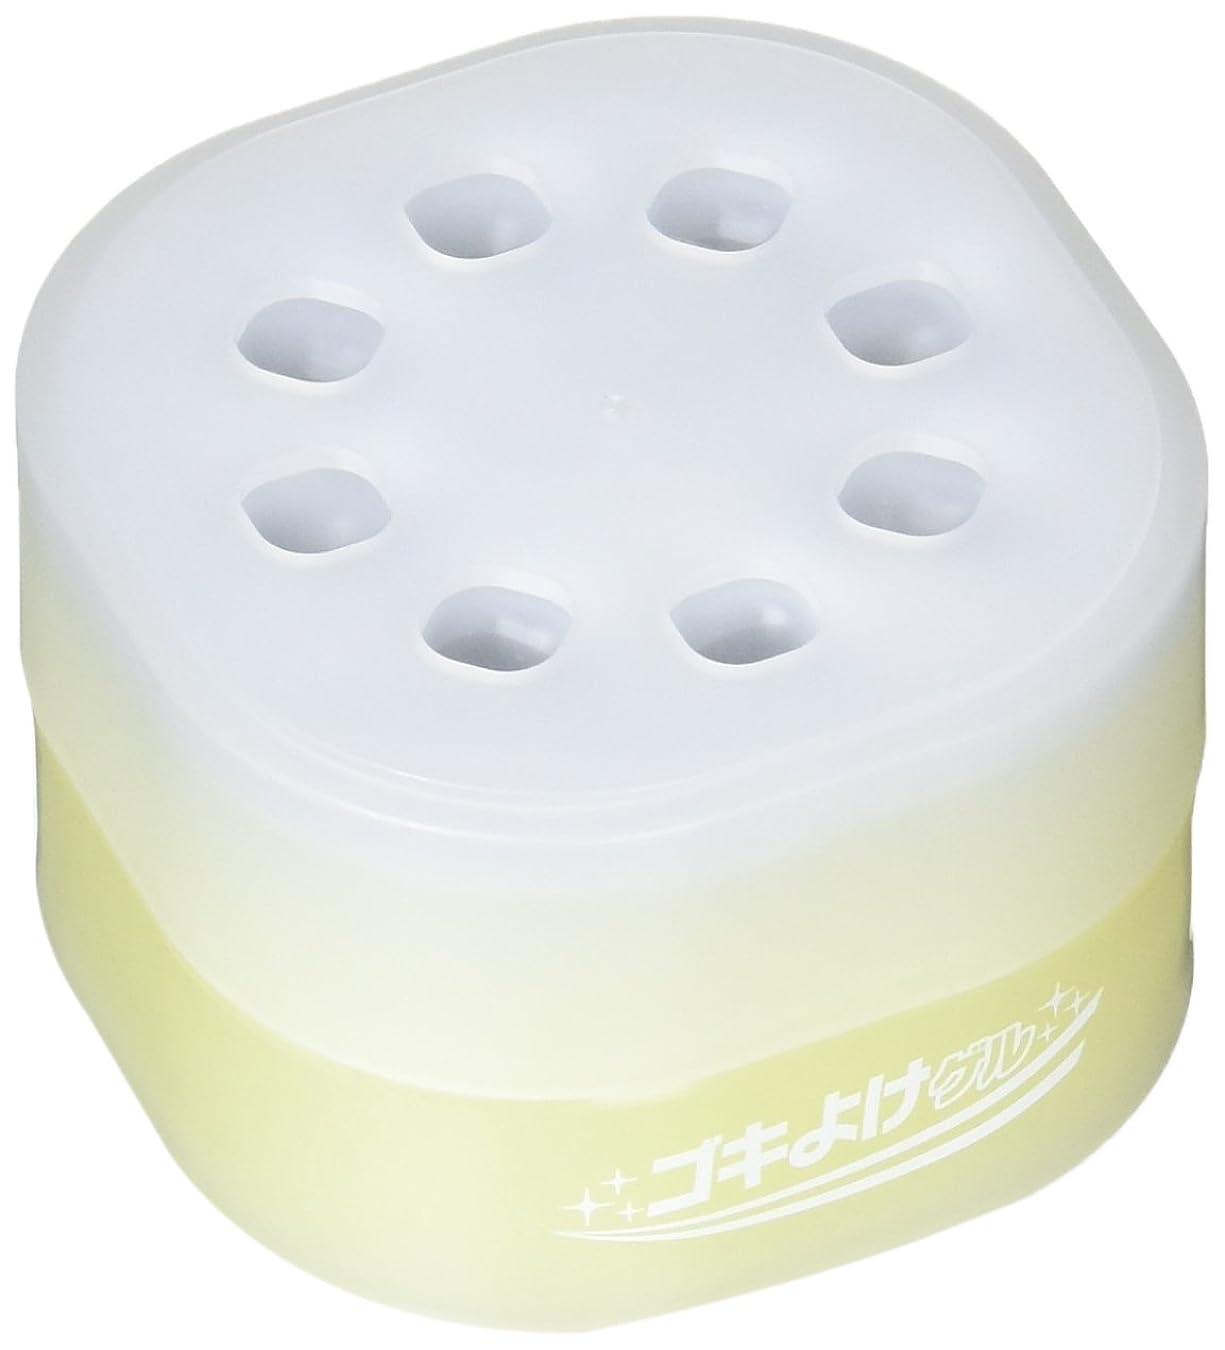 永久に探検手荷物アイメディア ゴキよけゲル 室内用 ナチュラルミントの香り 072985